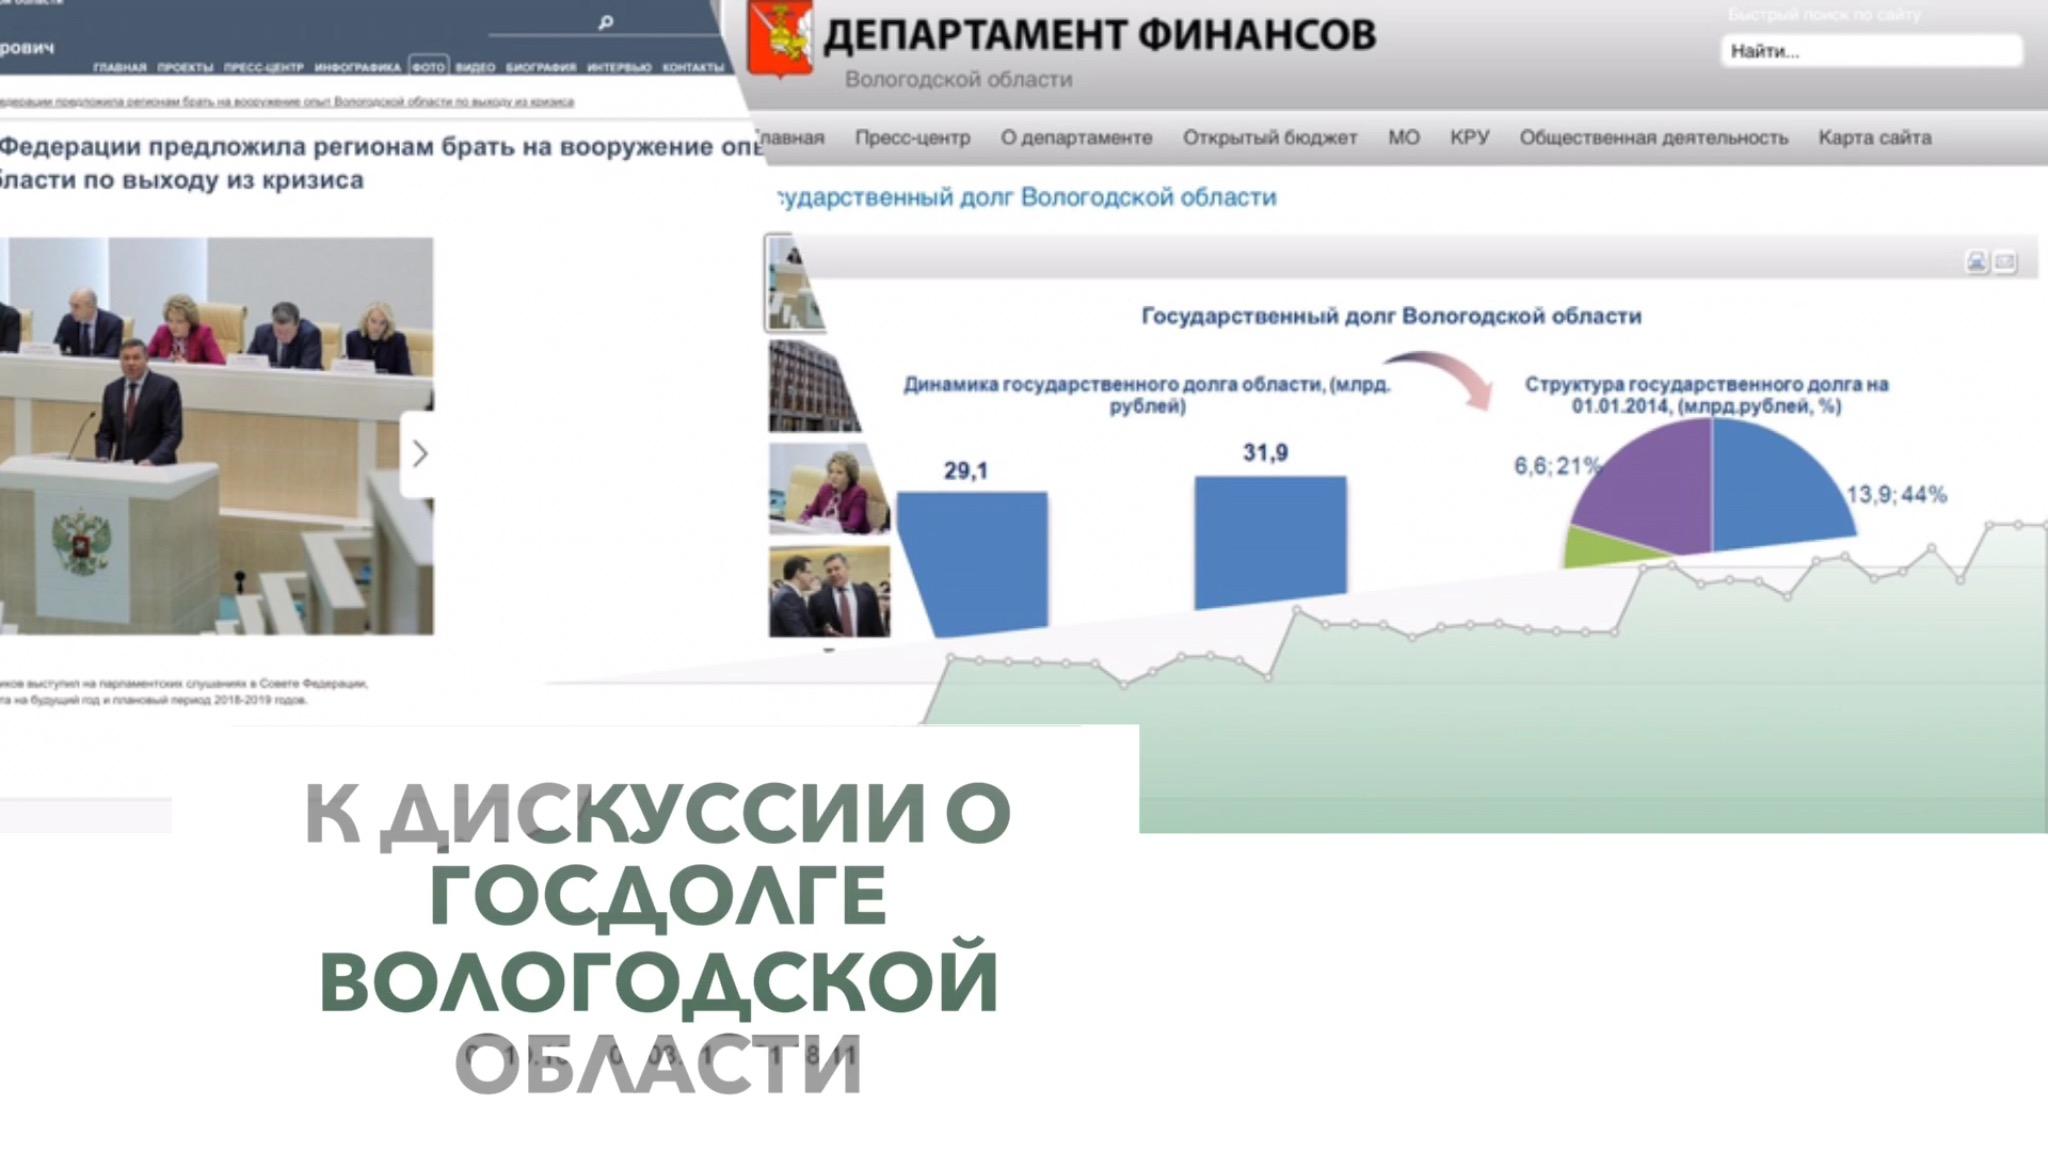 К дискуссии о госдолге Вологодской области